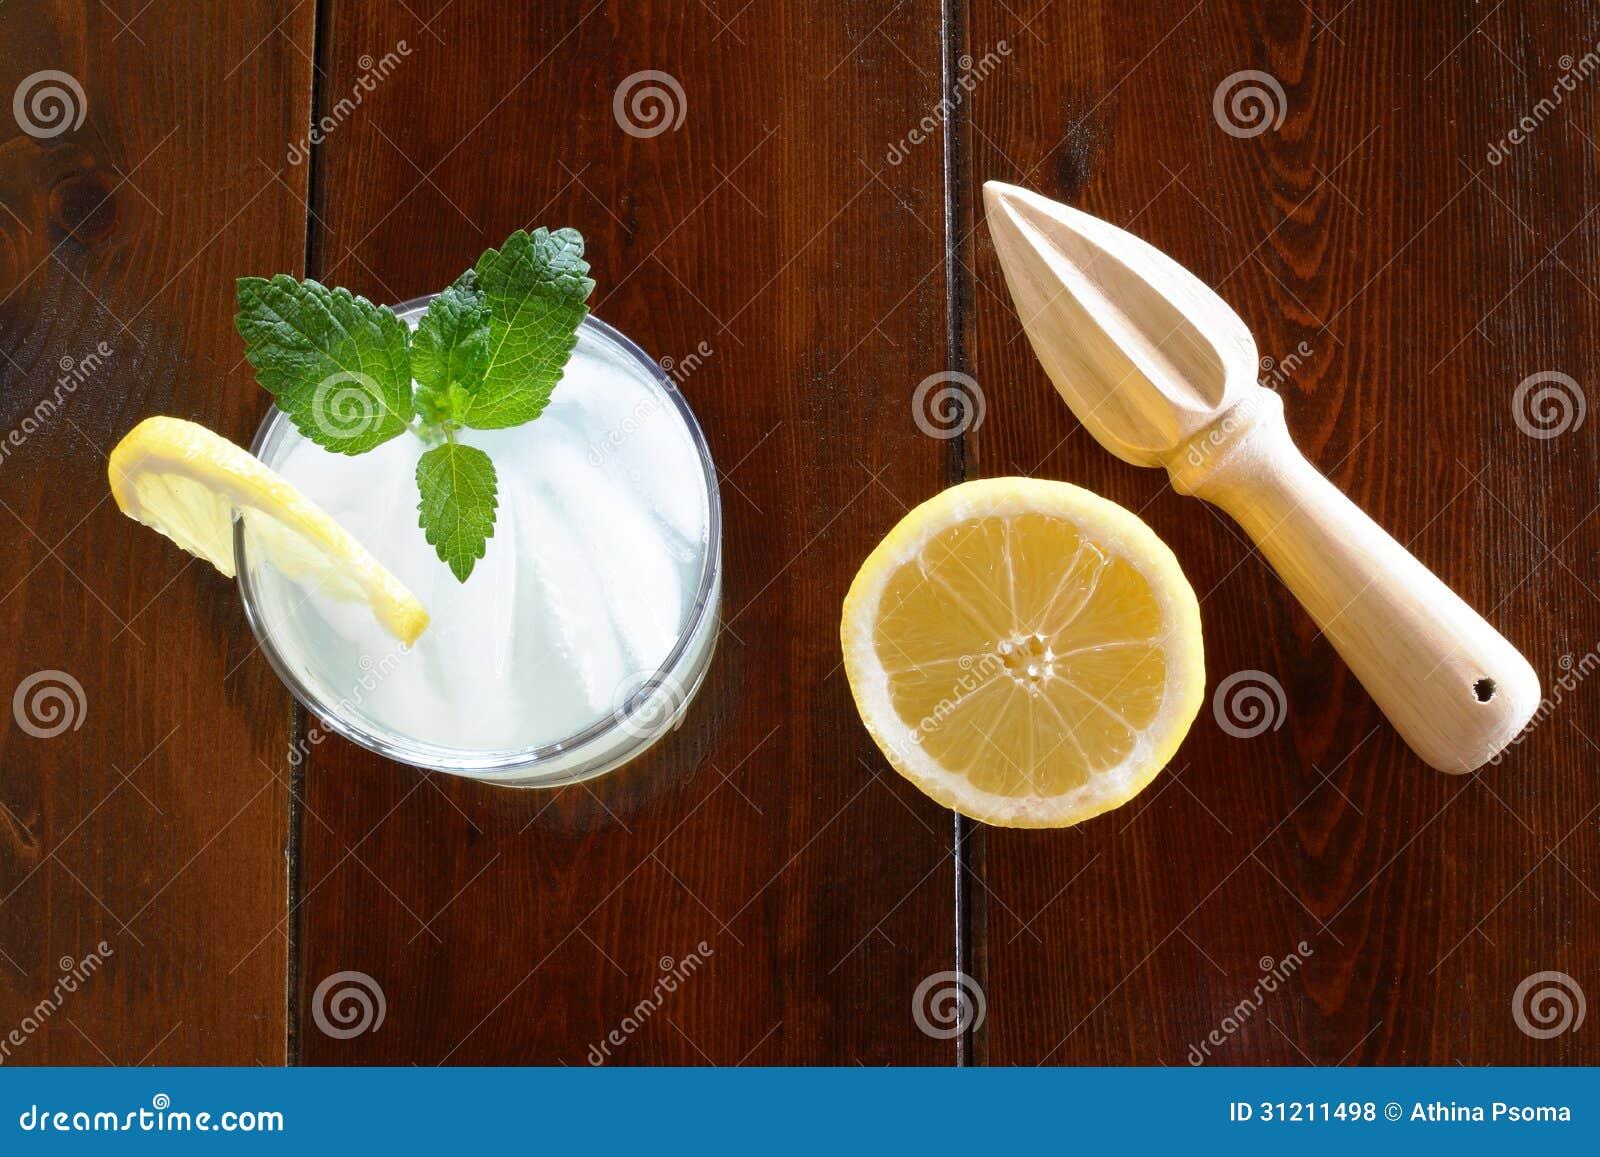 Squeezers lemonade business plan